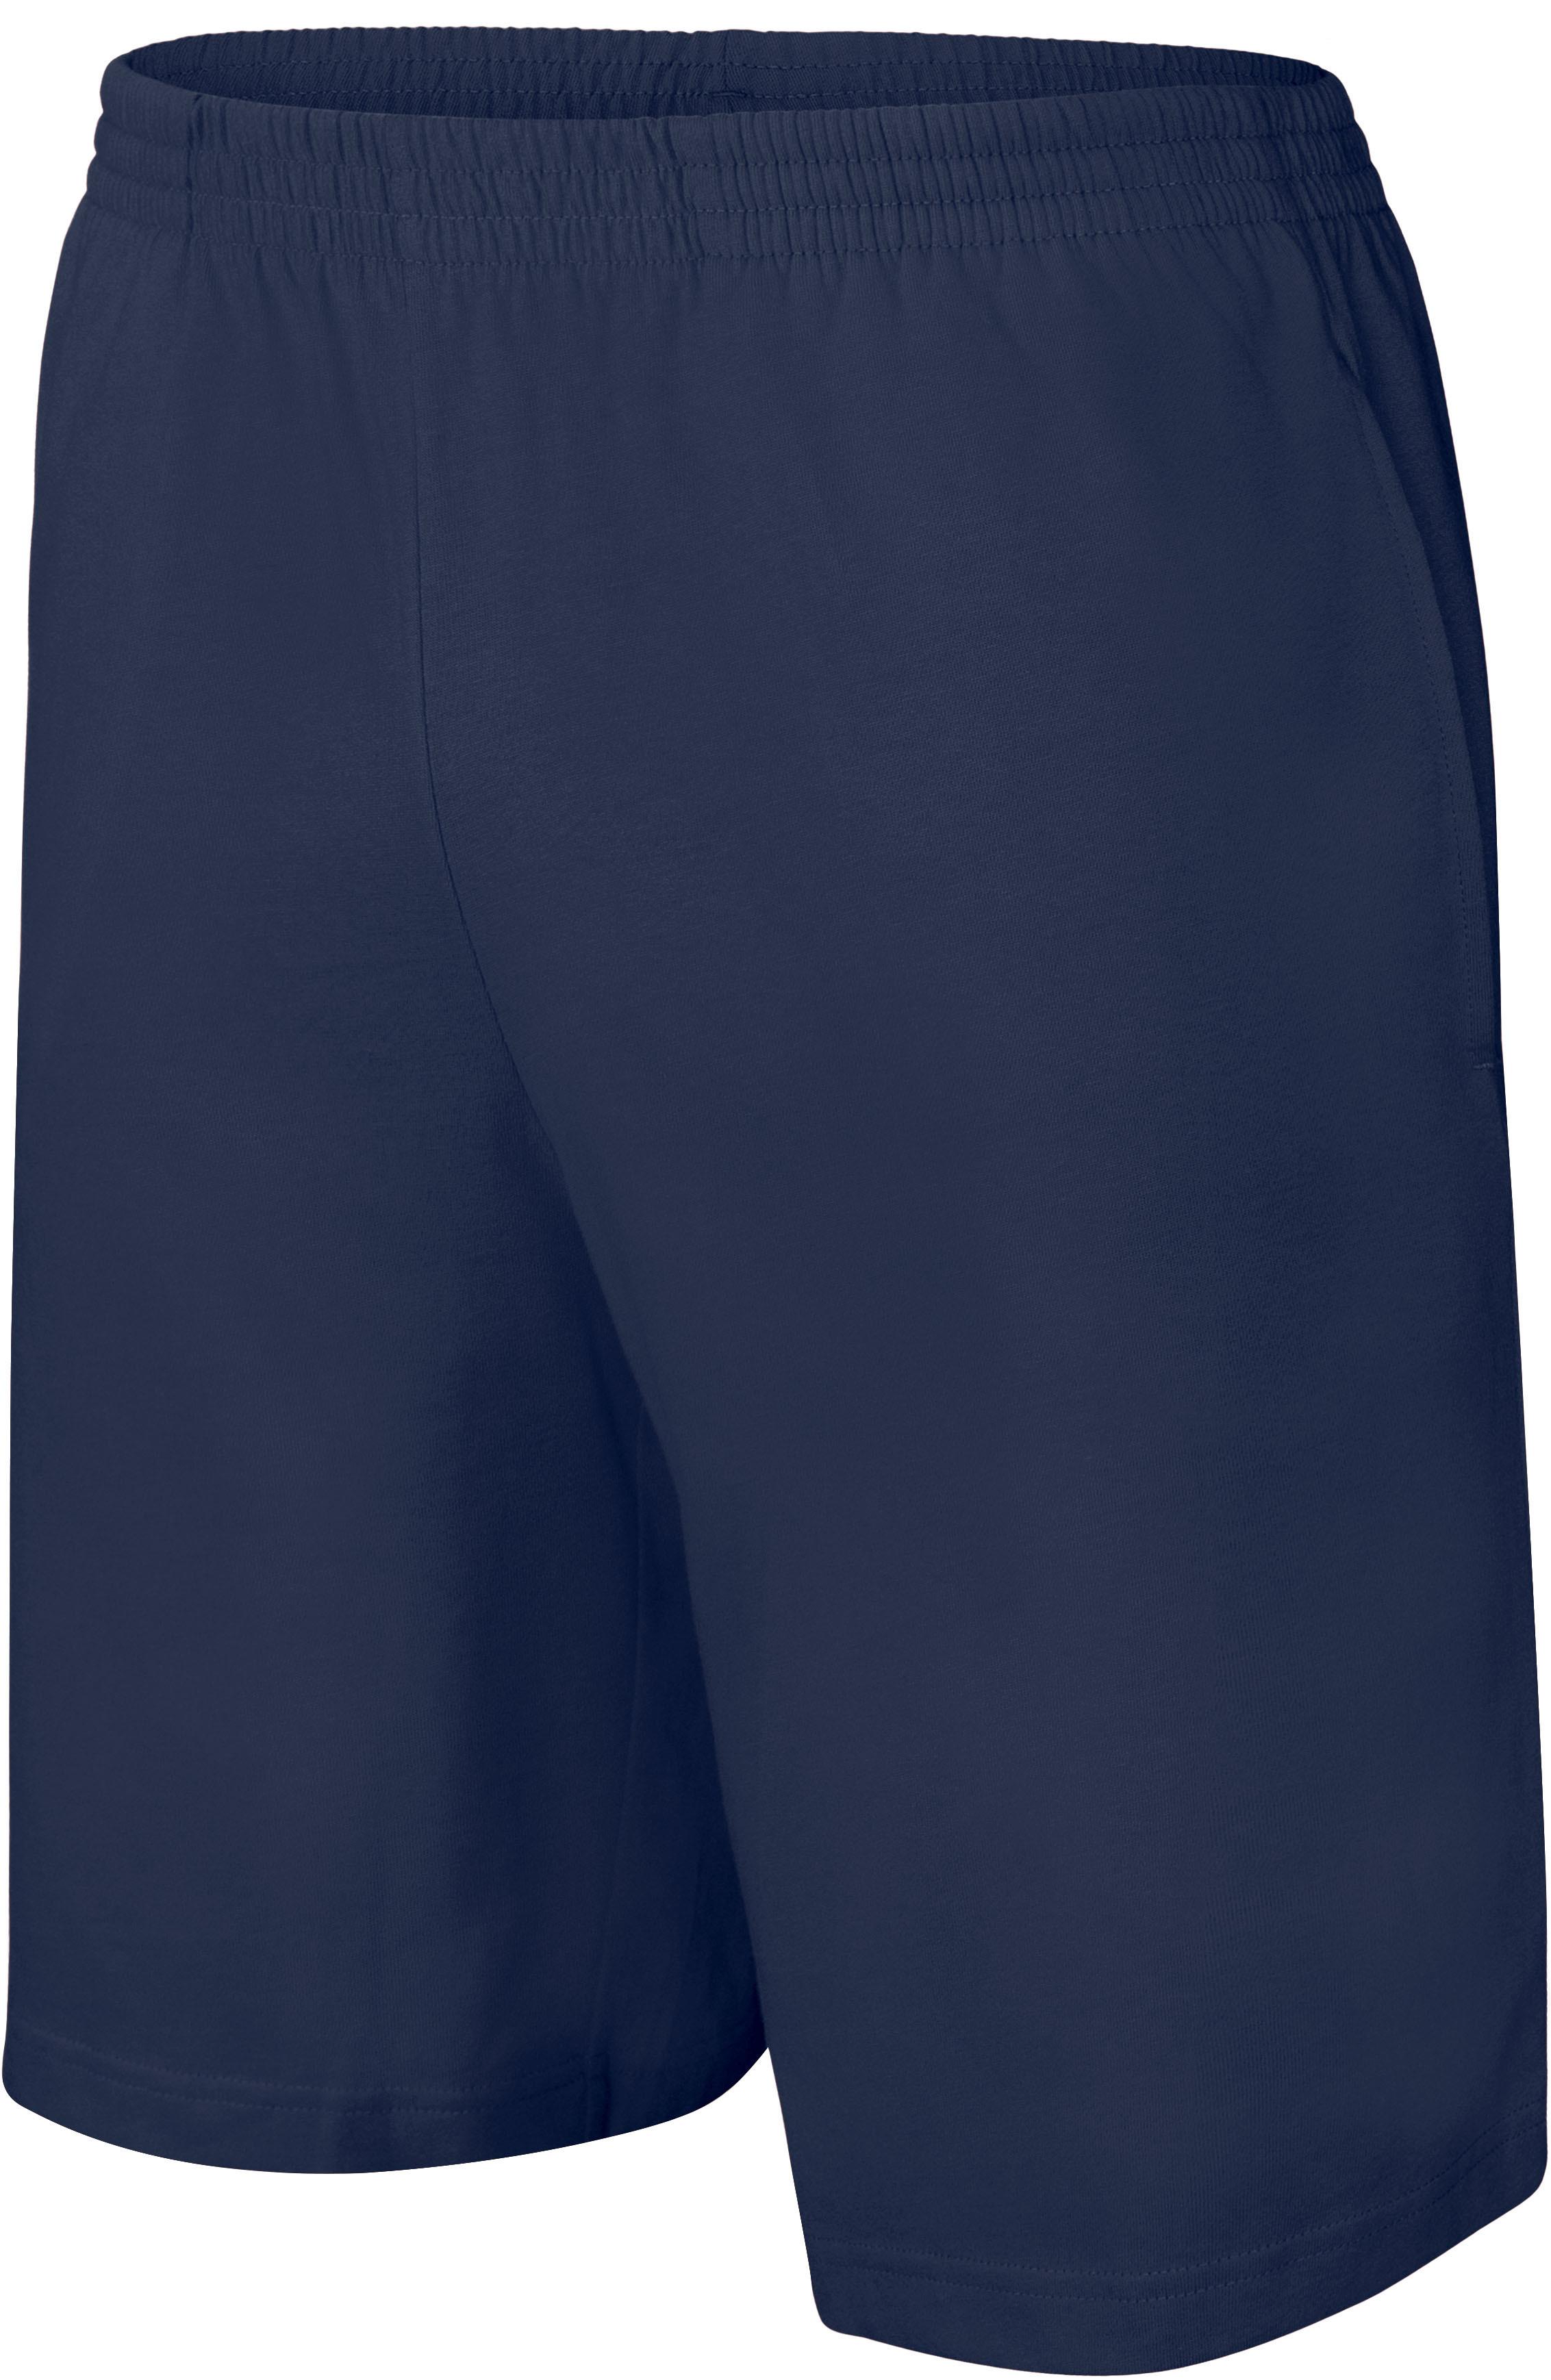 Short jersey sport - 2-1436-11